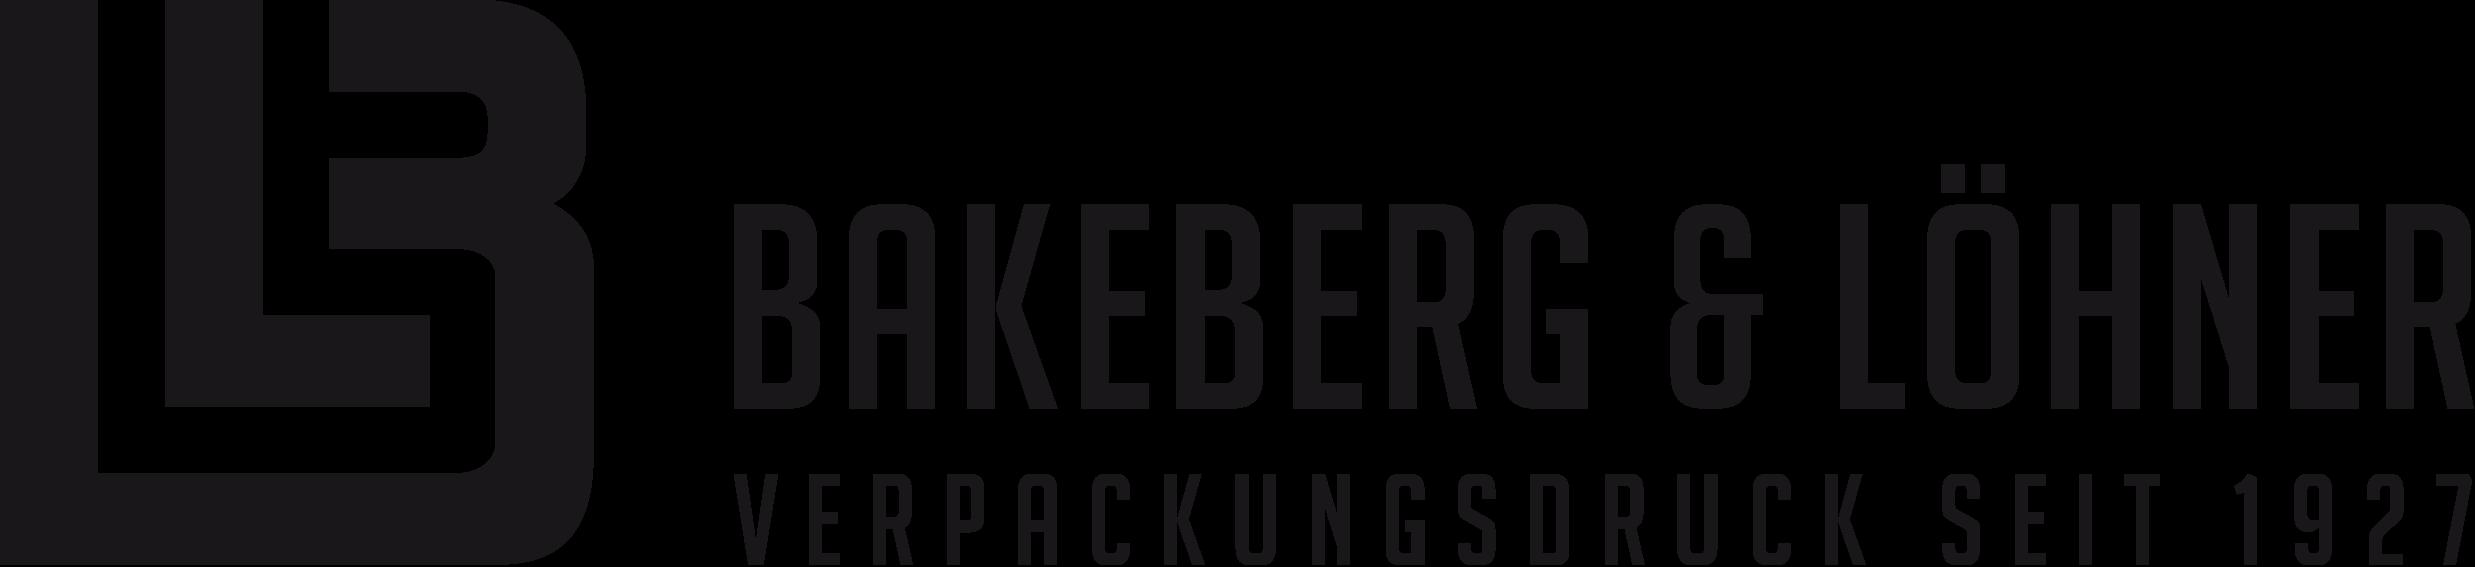 Bakeberg und Löhner